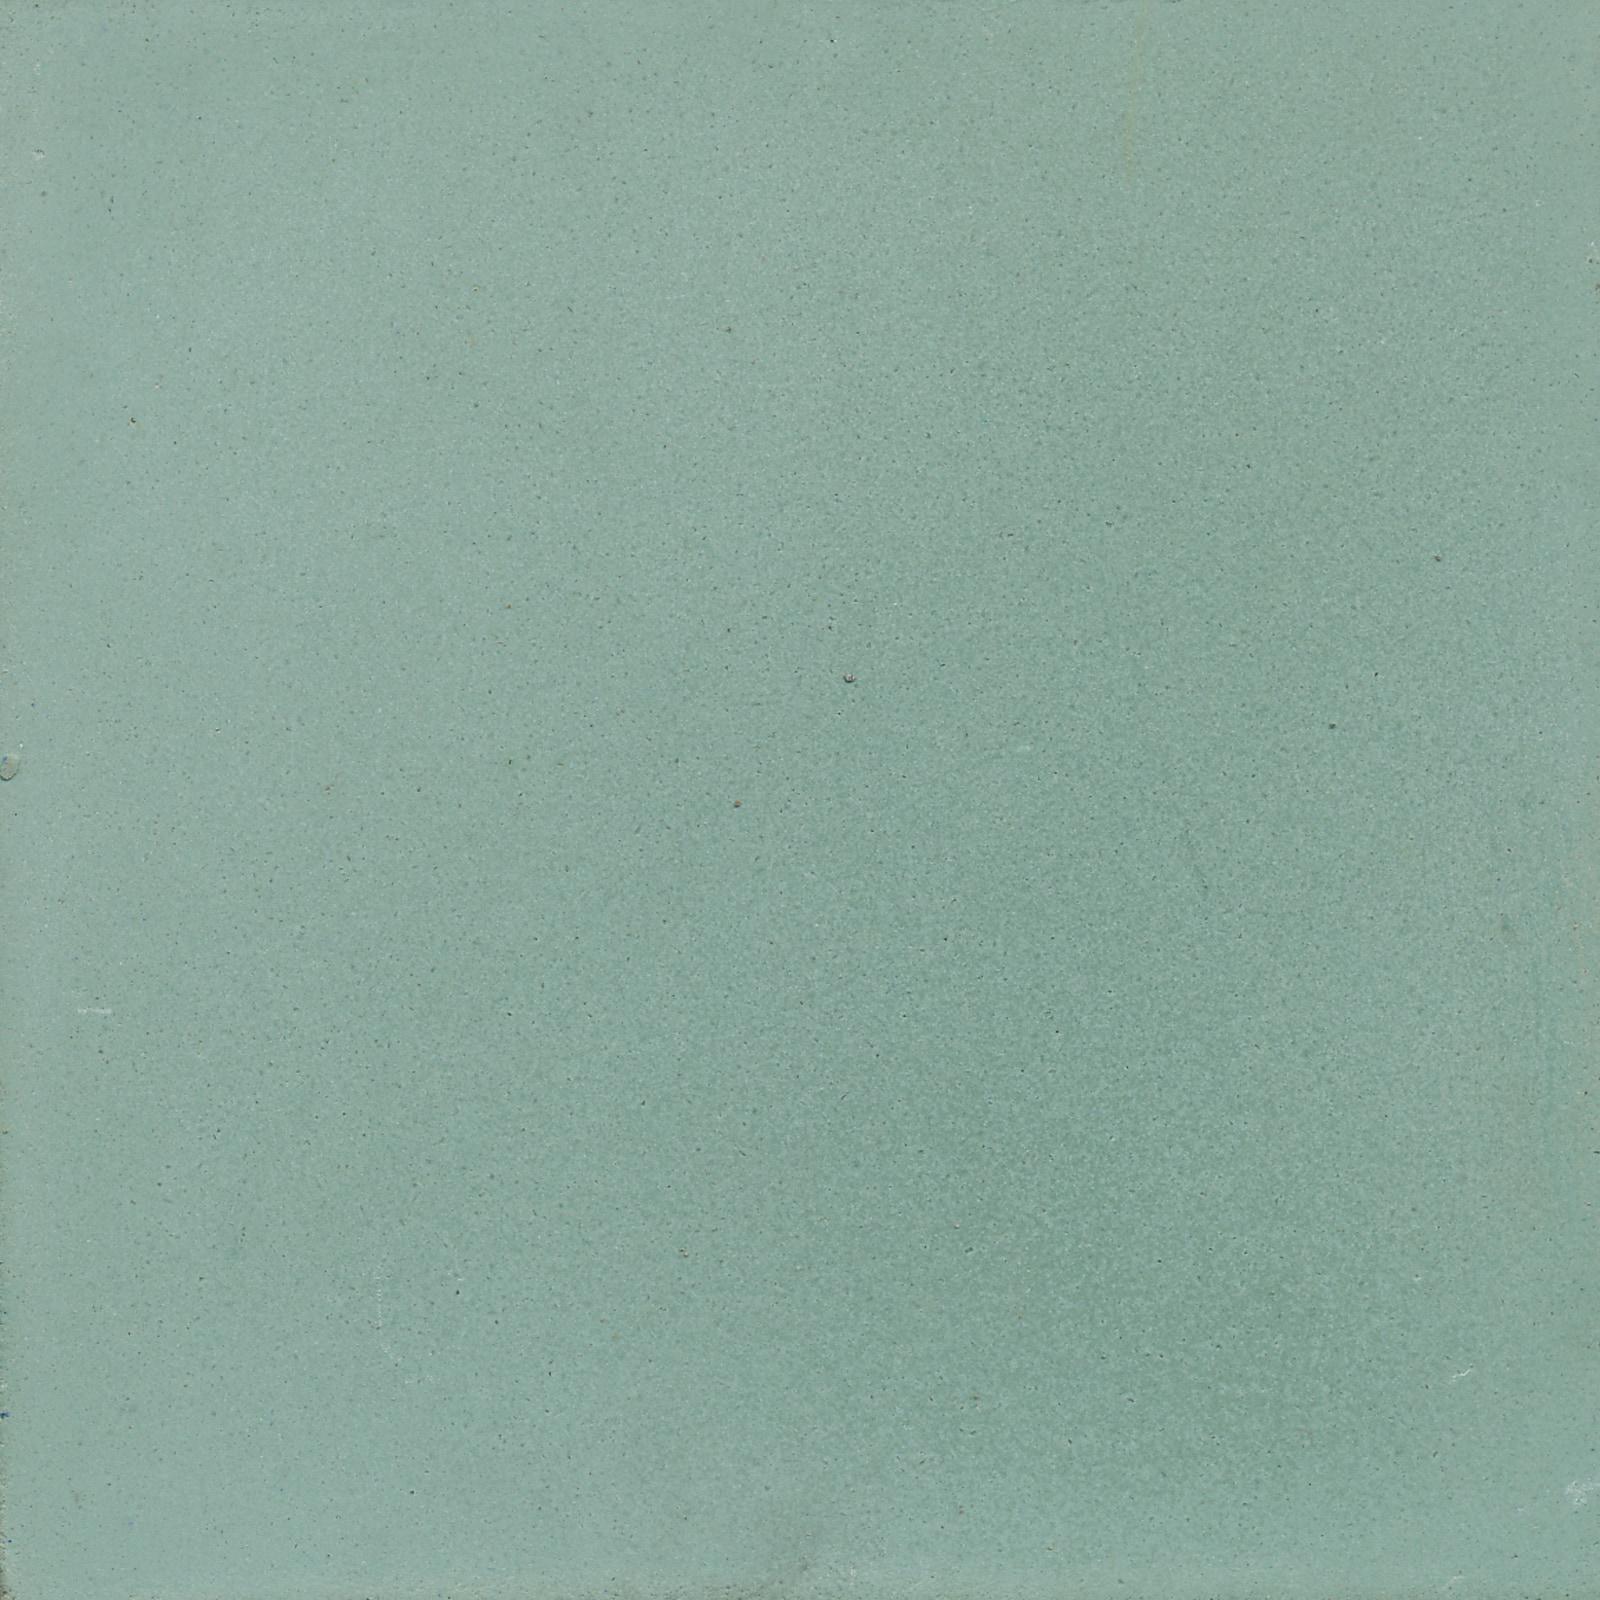 VIA_50-viaplatten | 050